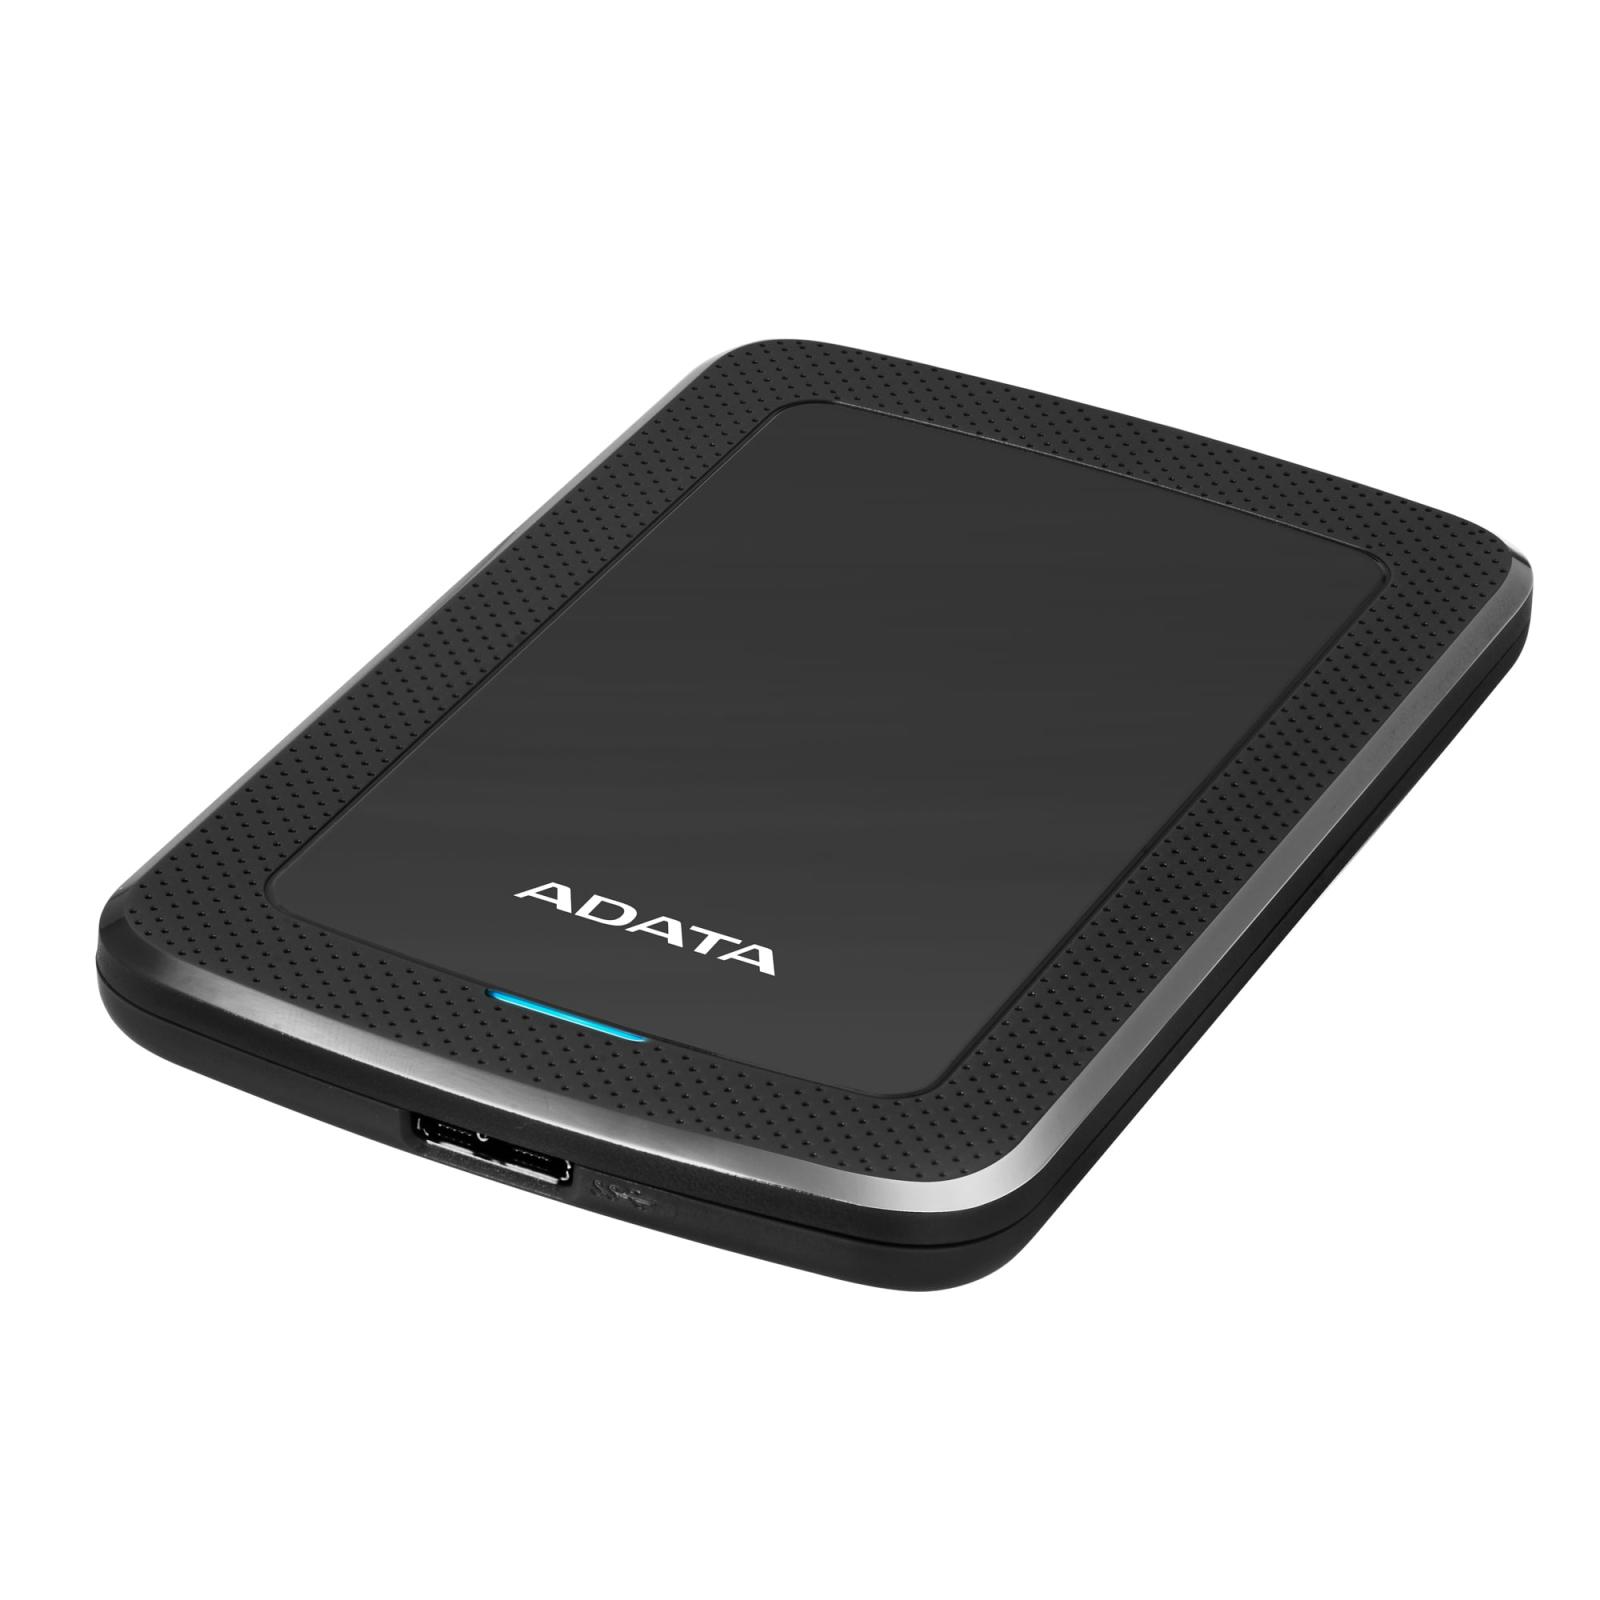 """Внешний жесткий диск 2.5"""" 4TB ADATA (AHV300-4TU31-CBK) изображение 3"""